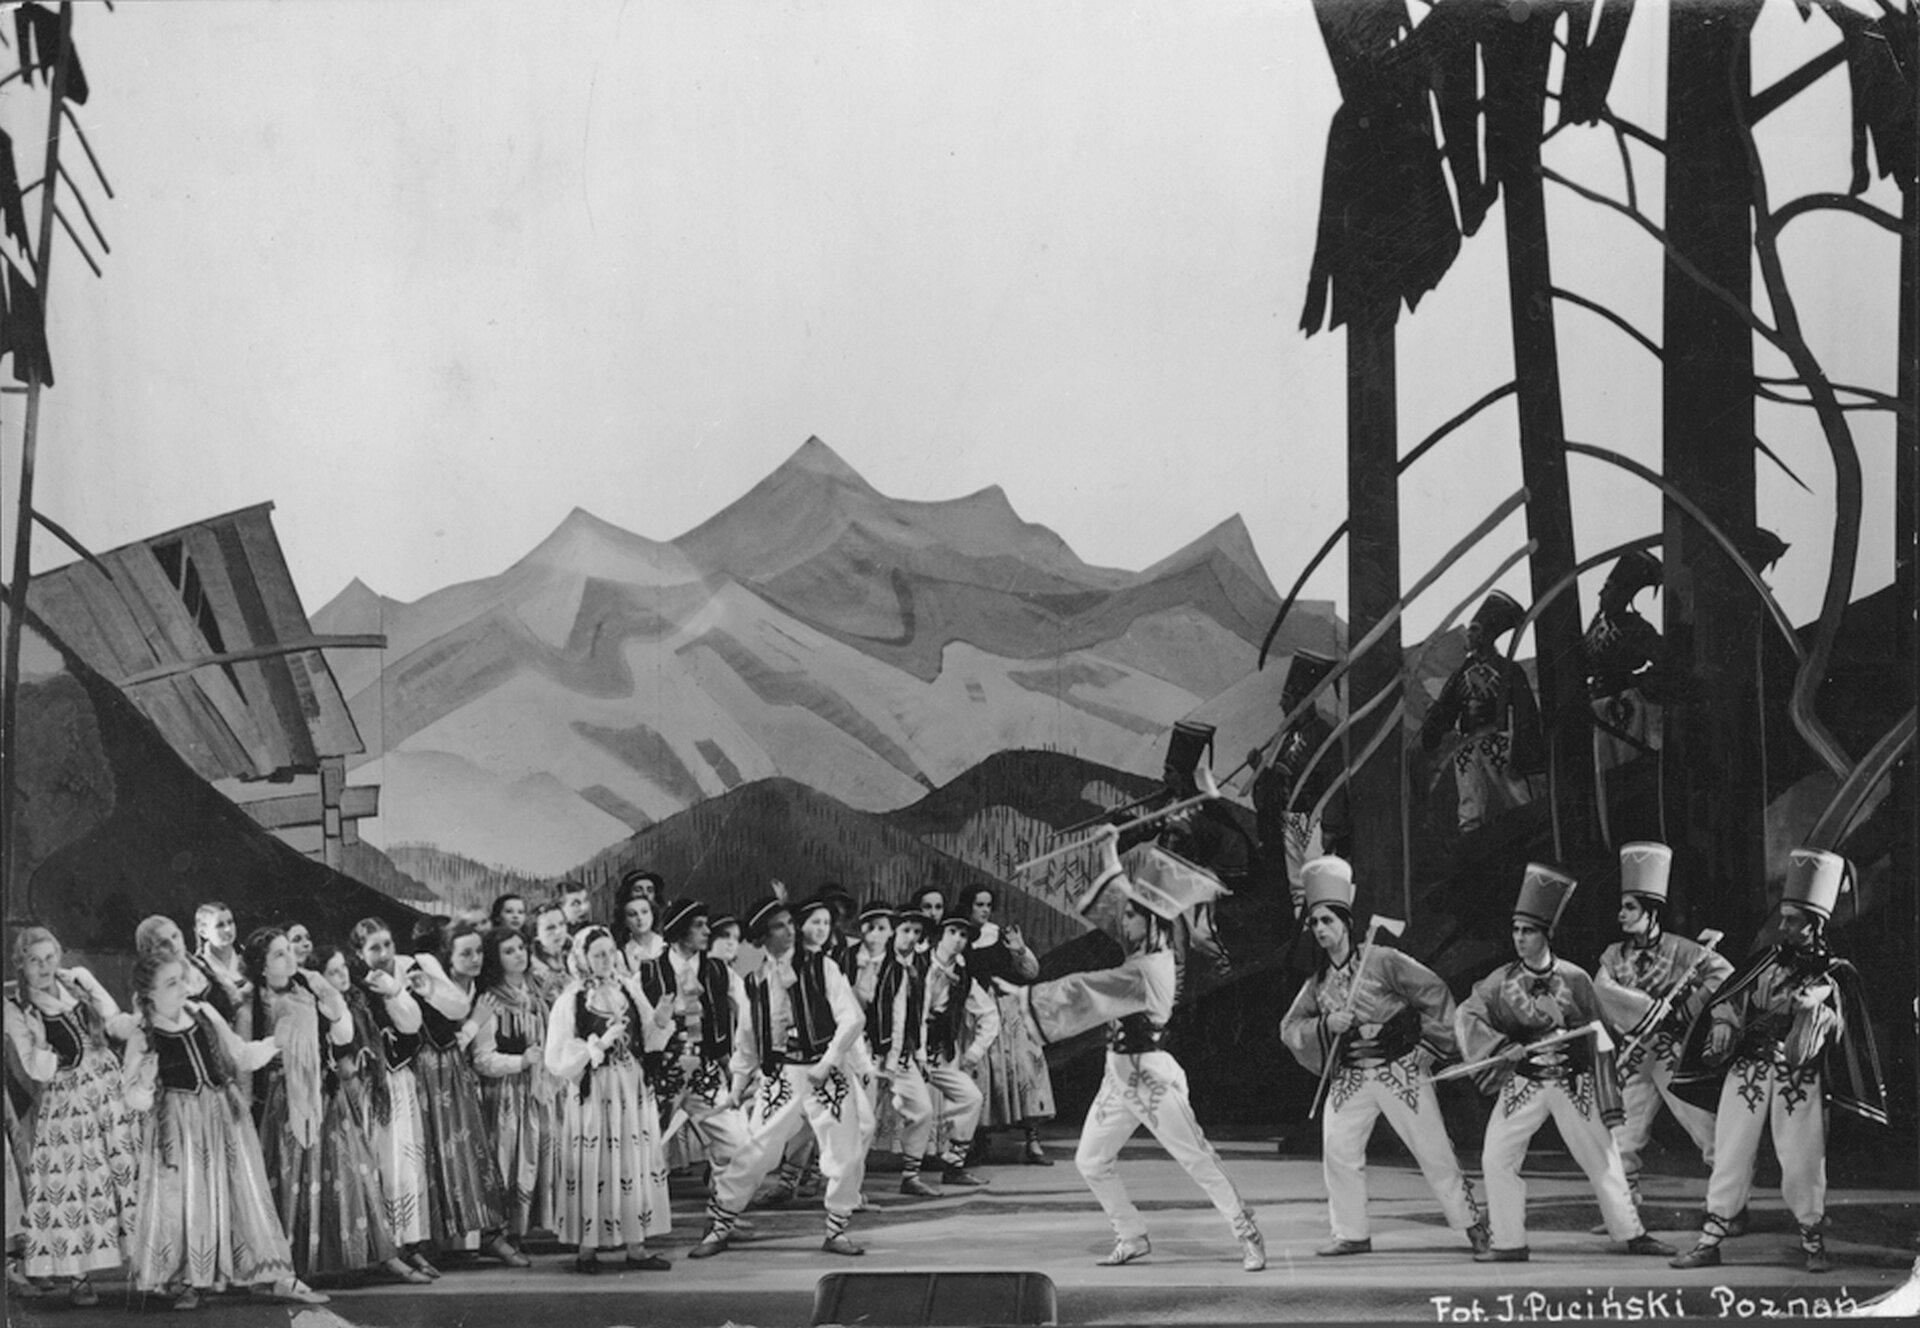 """Ilustracja przedstawia """"Harnasie"""" Karola Szymanowskiego na scenie Teatru Wielkiego wPoznaniu. Fotografia ukazuje damskie imęskie postacie ubrane wstroje podhalańskie."""